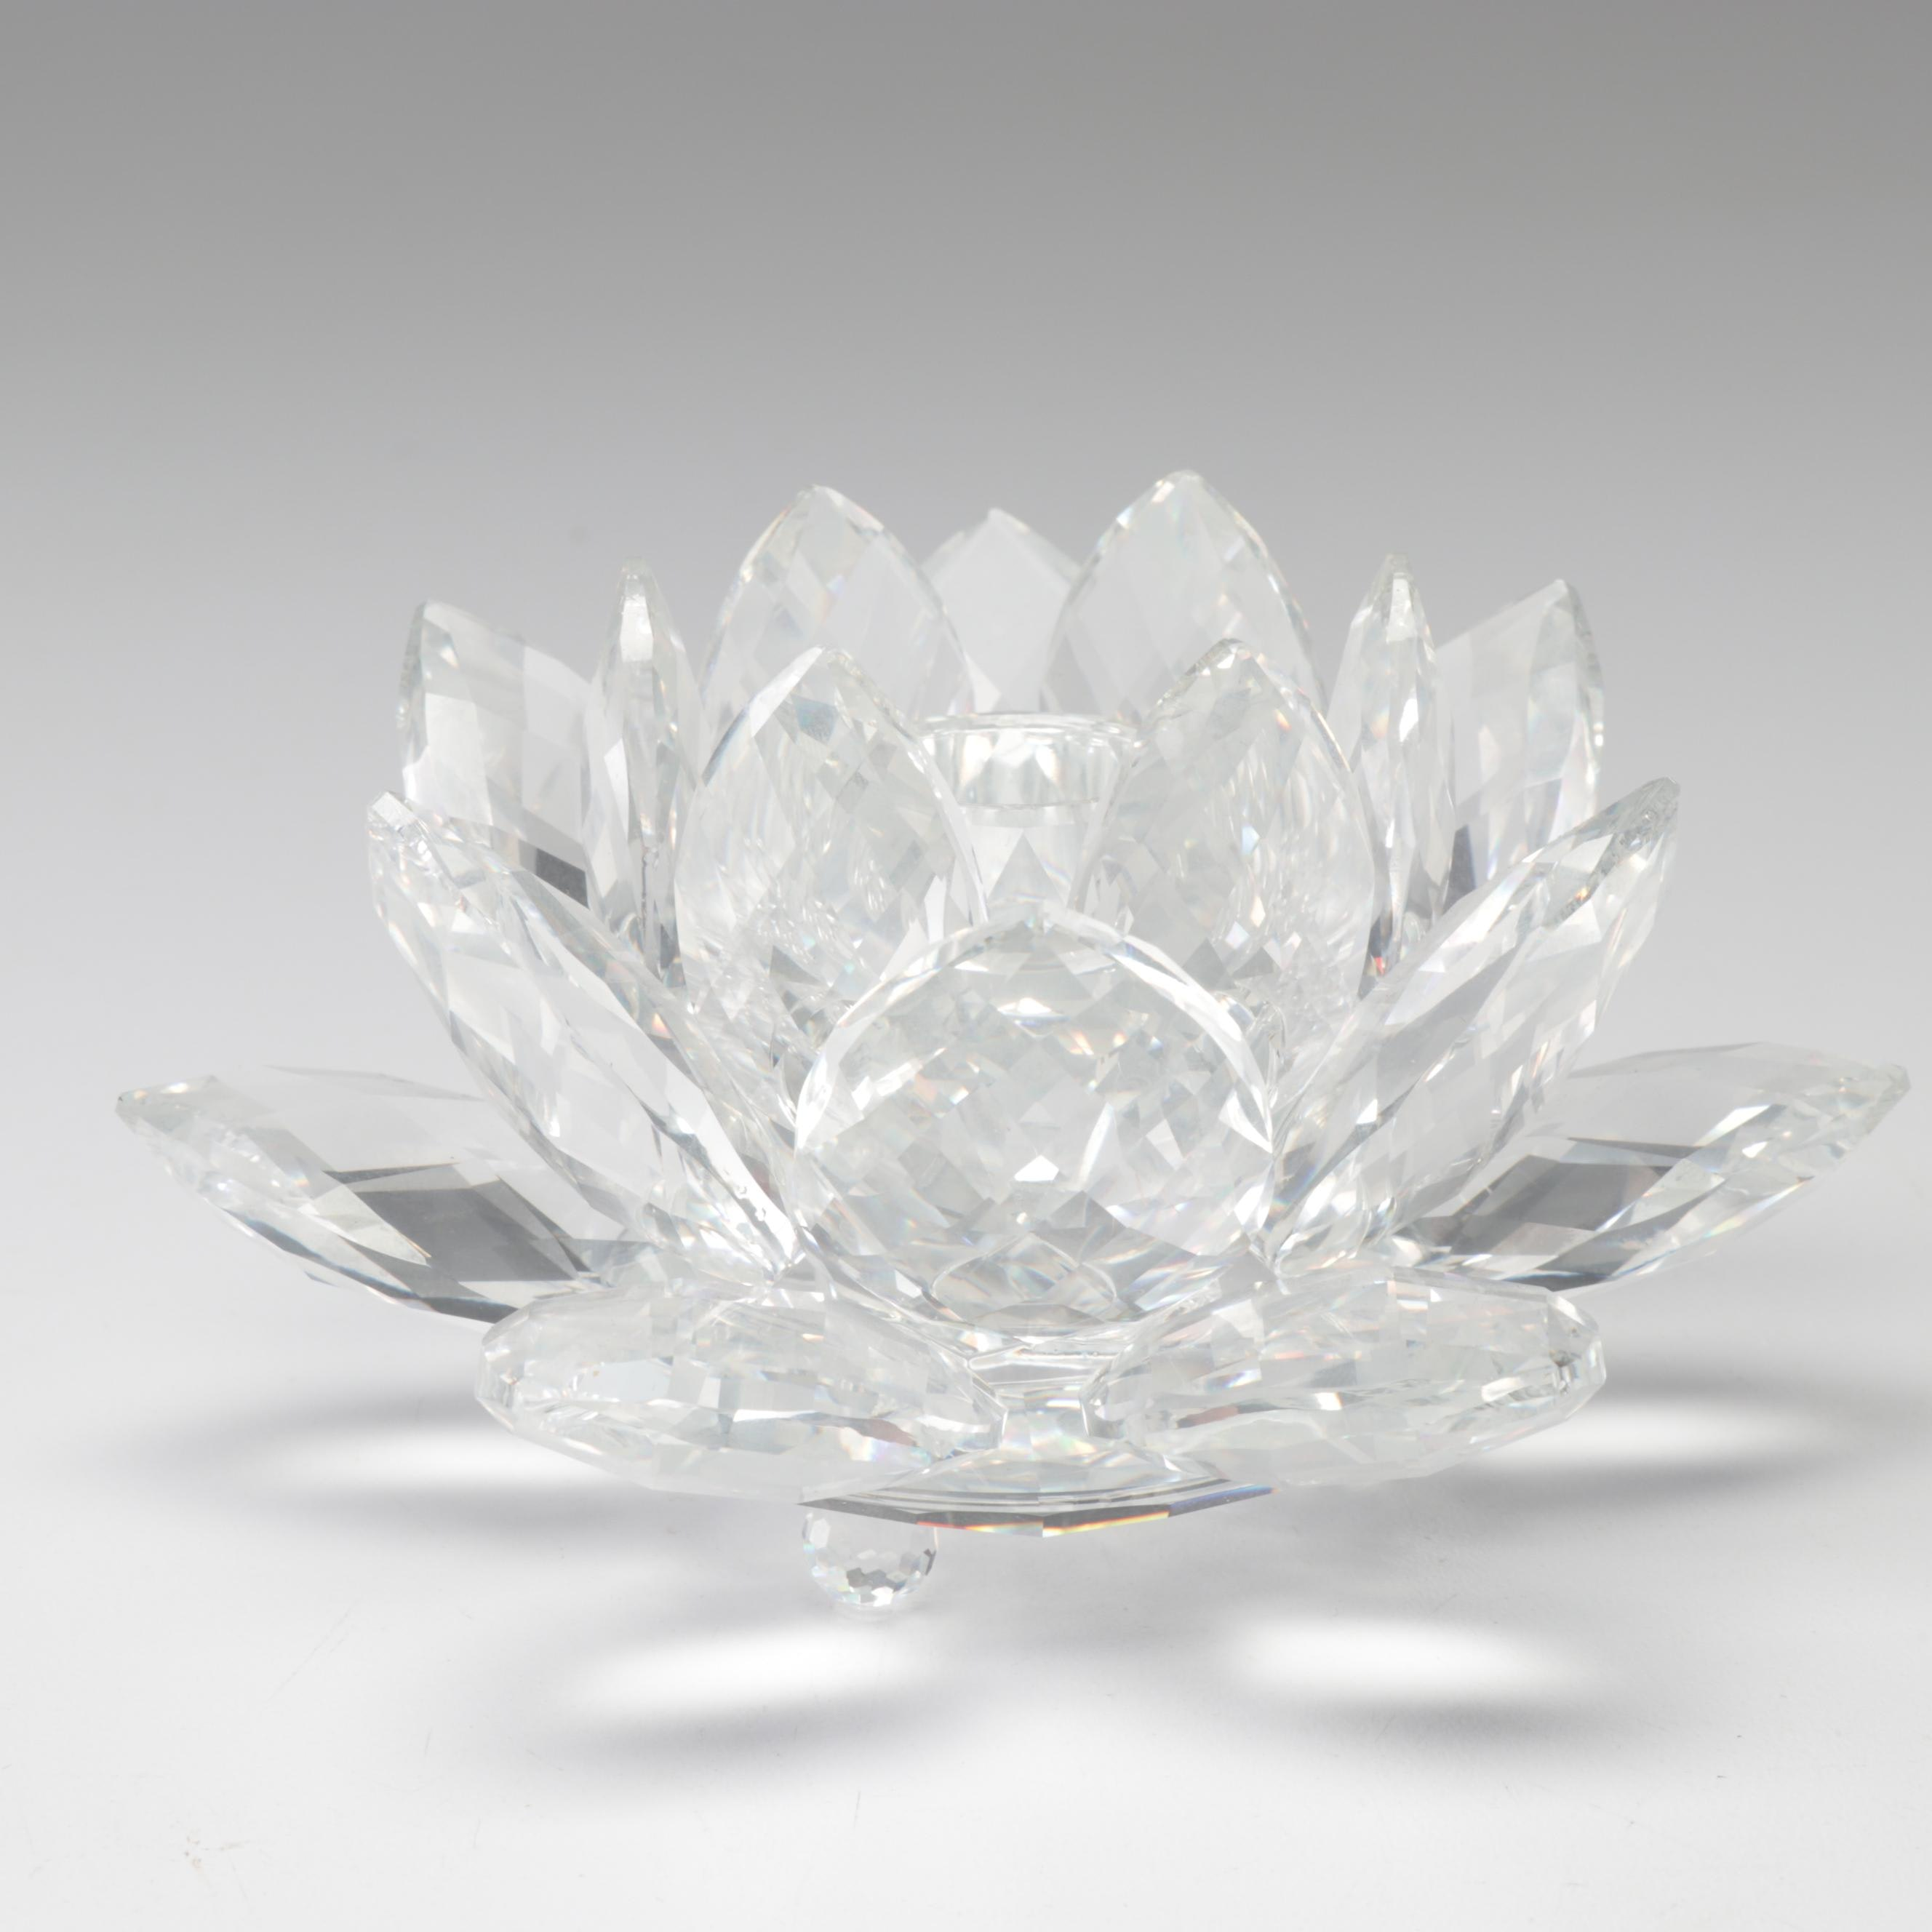 Swarovski Crystal Lotus Candleholder